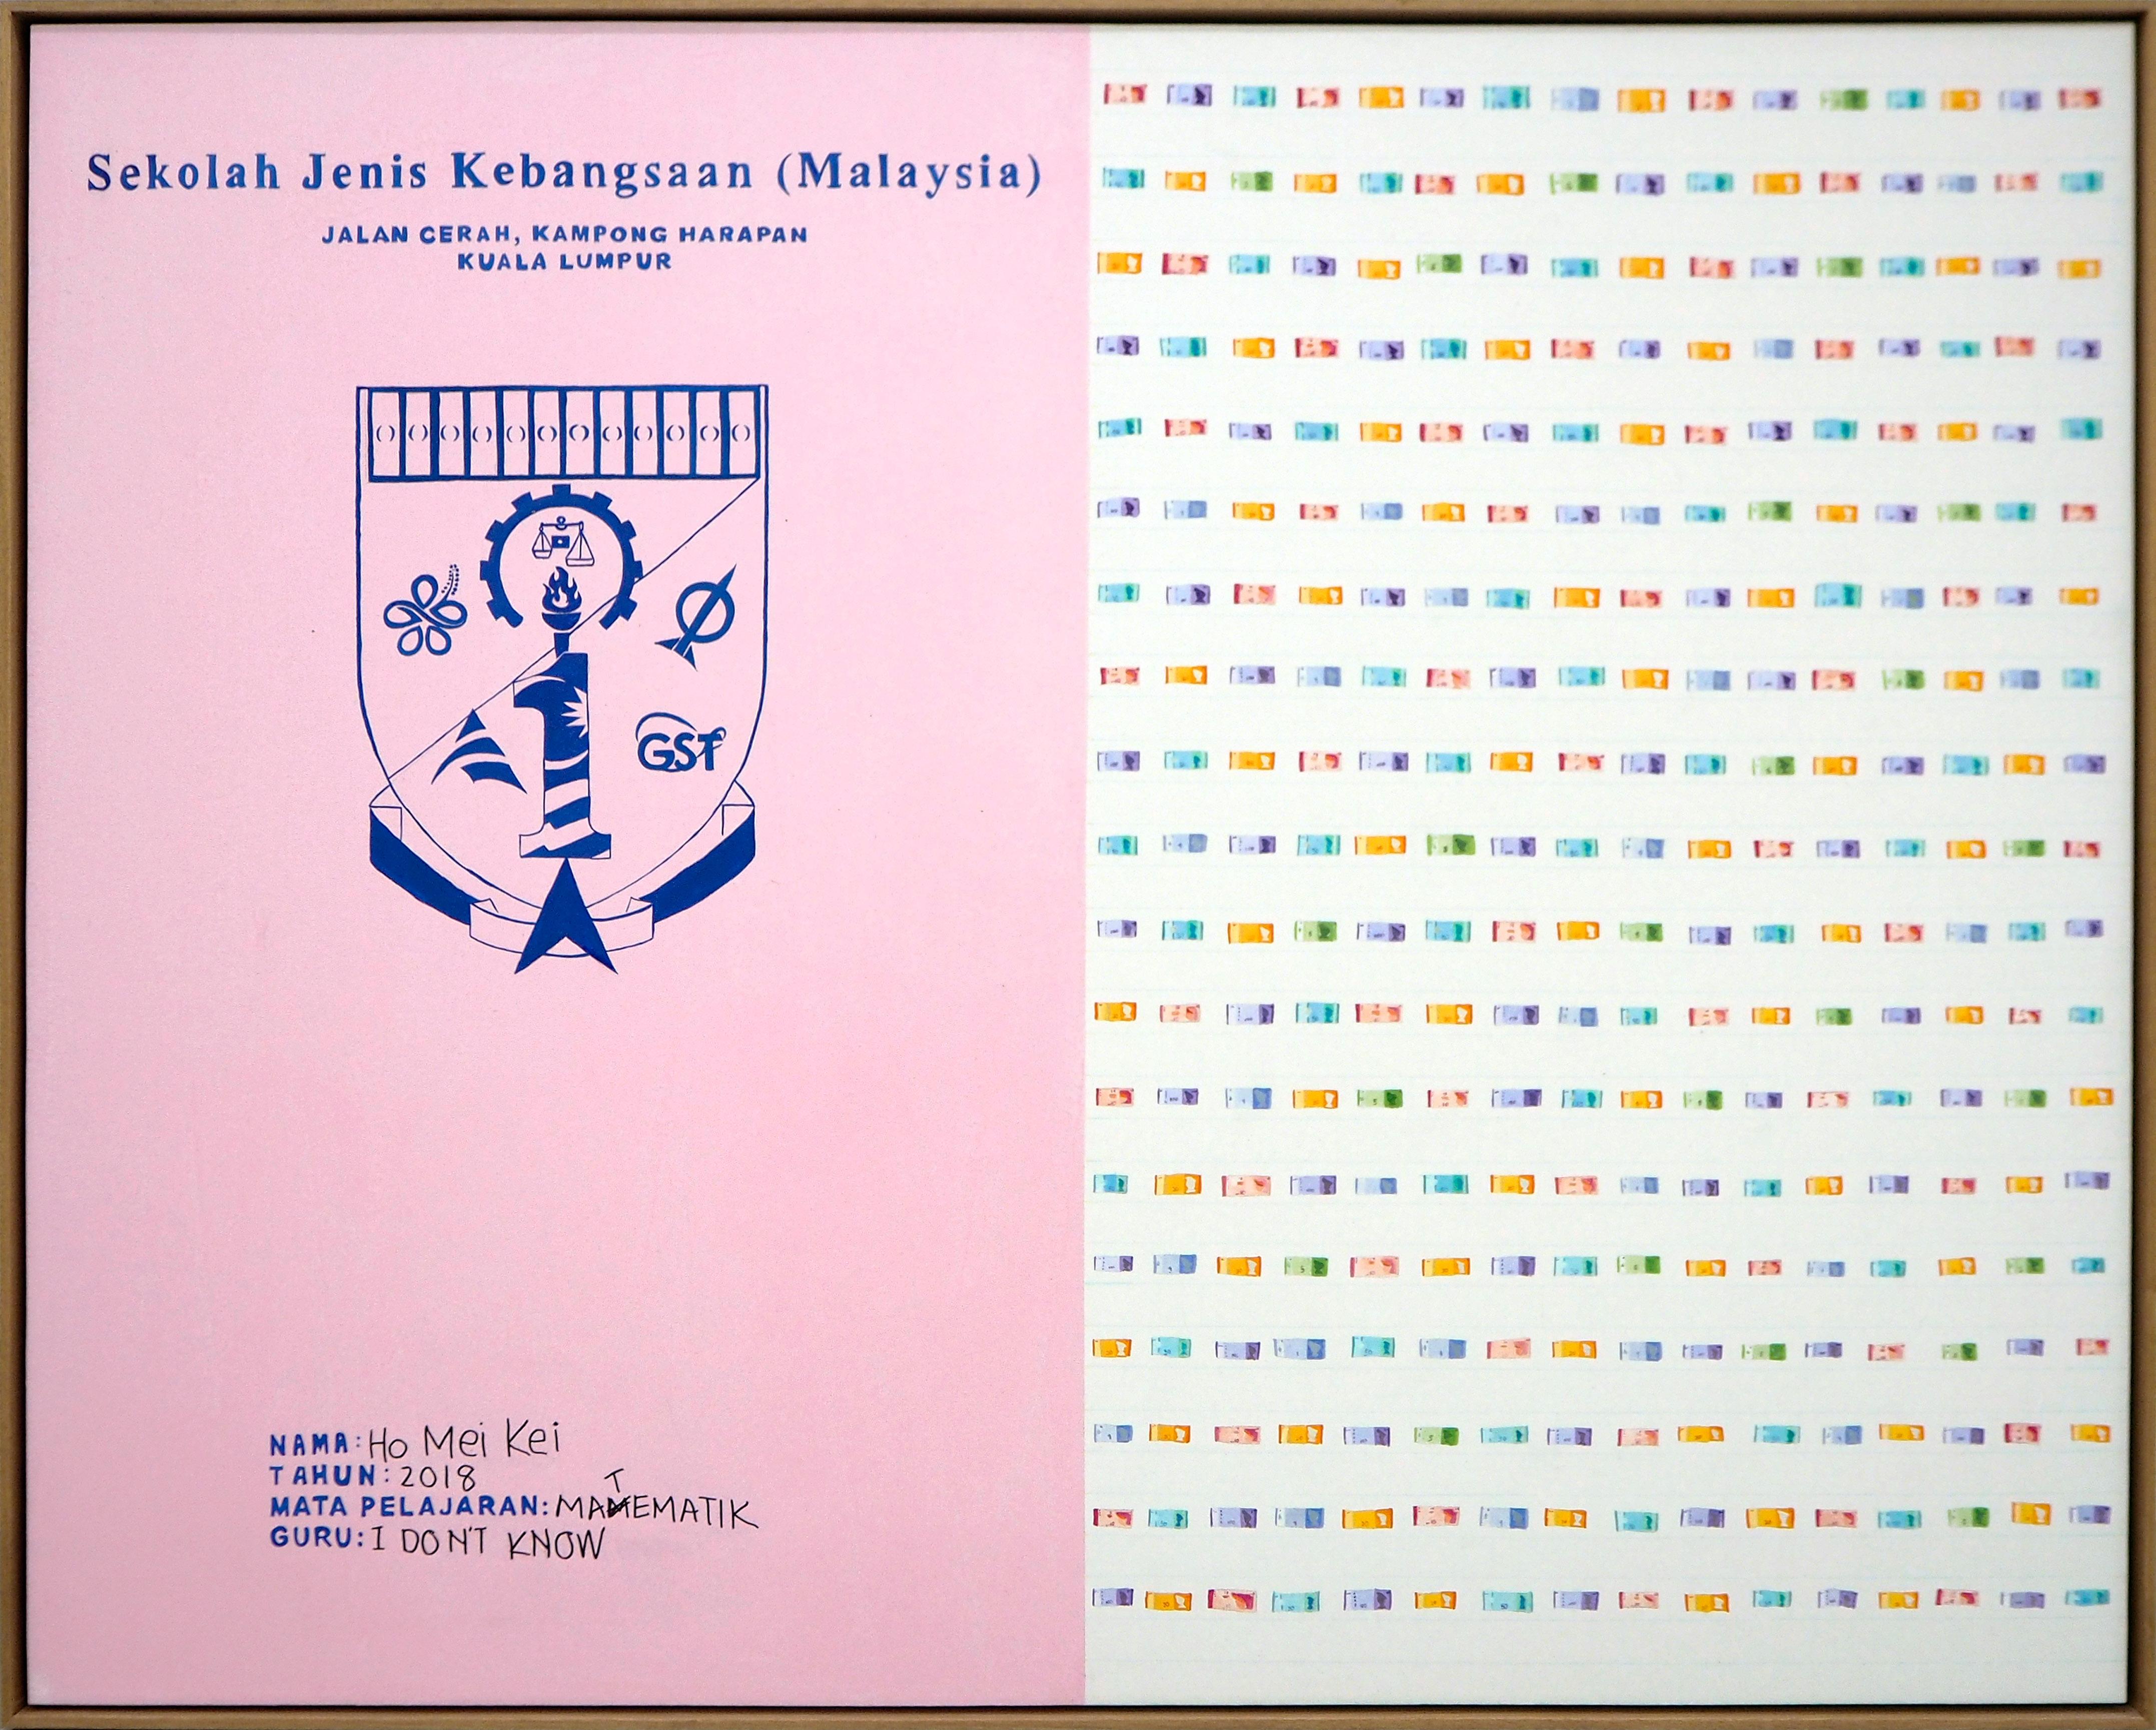 Sekolah Jenis Kebangsaan (Malaysia) I